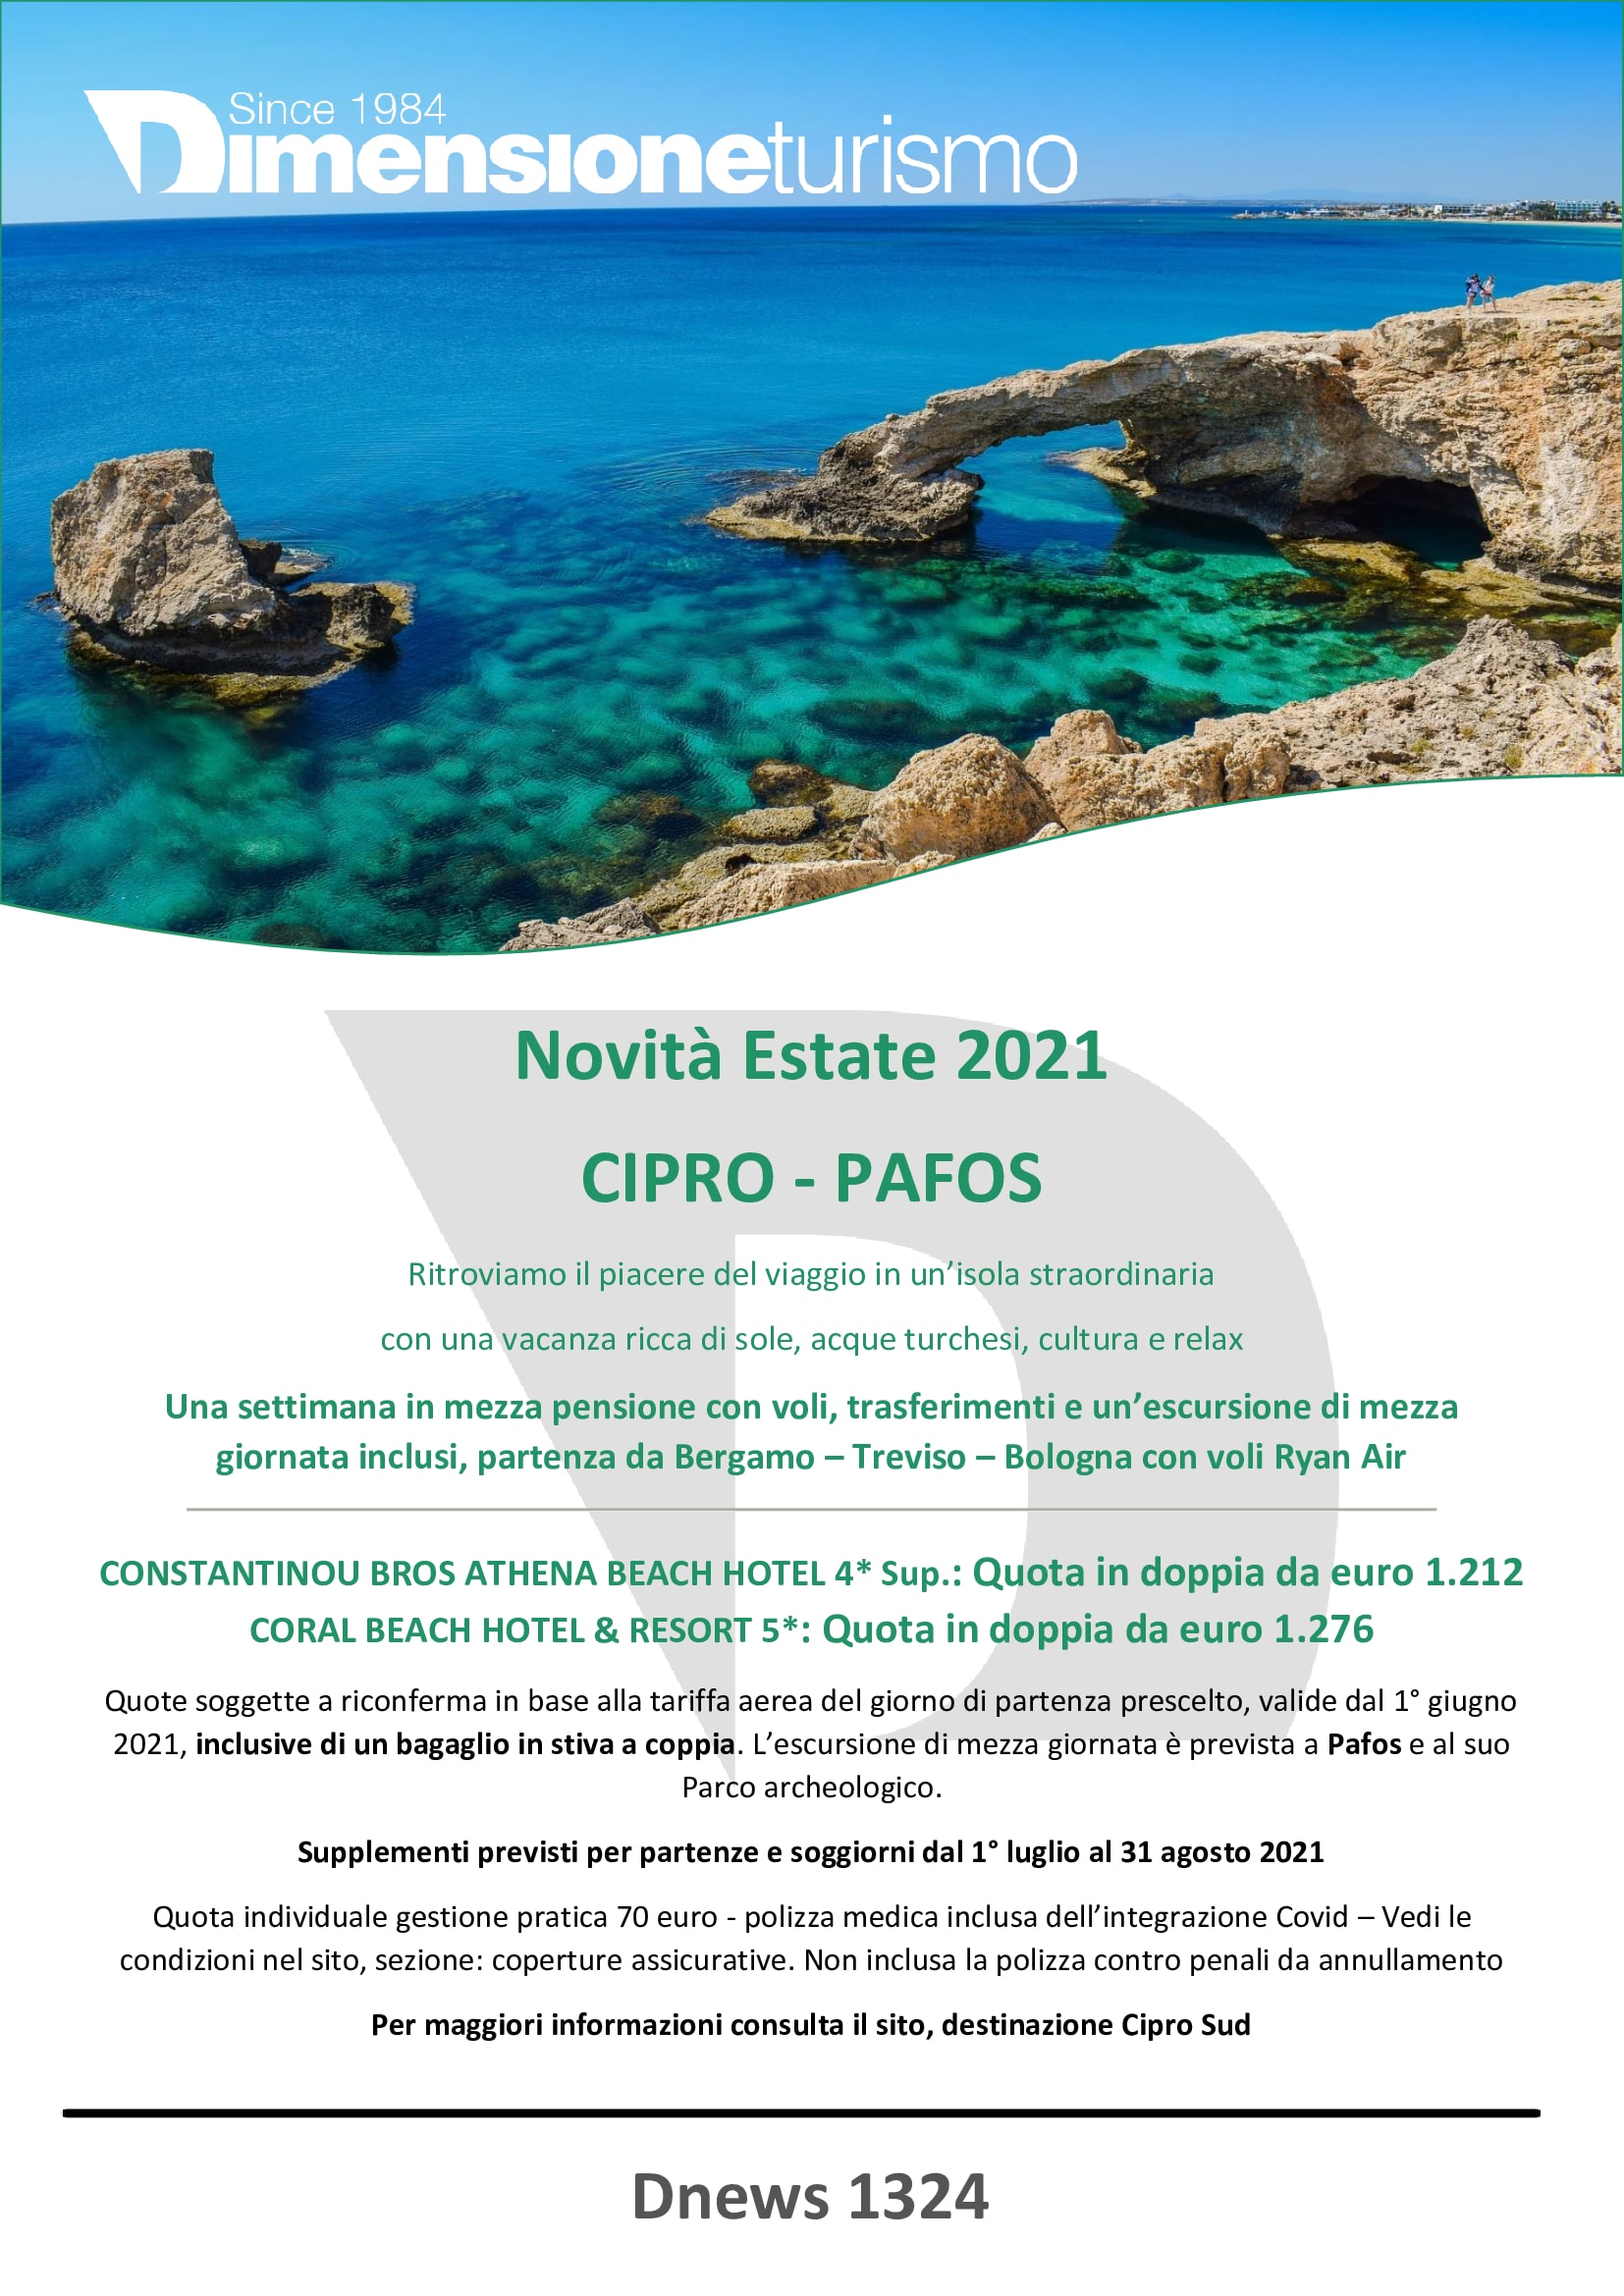 BROCHURE NOVITA ESTATE 2021 PAFOS - CIPRO SUD